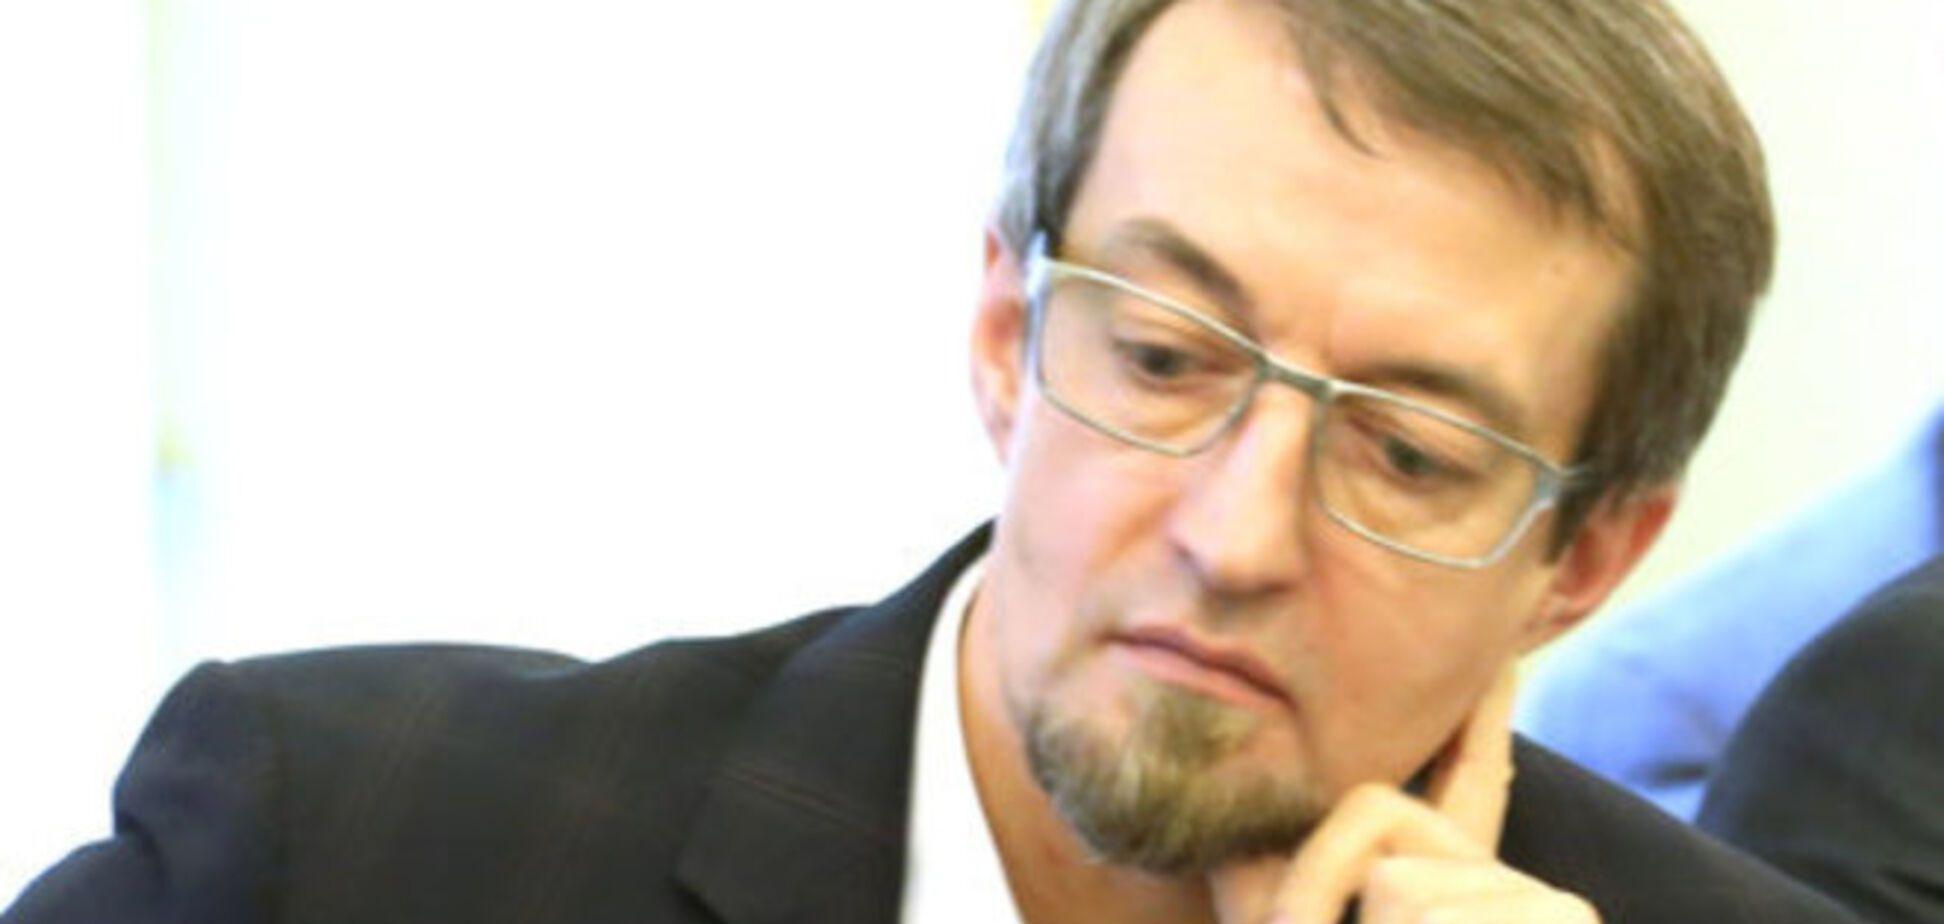 Вице-канцлер Минкультуры Эстонии украл из магазина вино и мороженое, а потом уволился